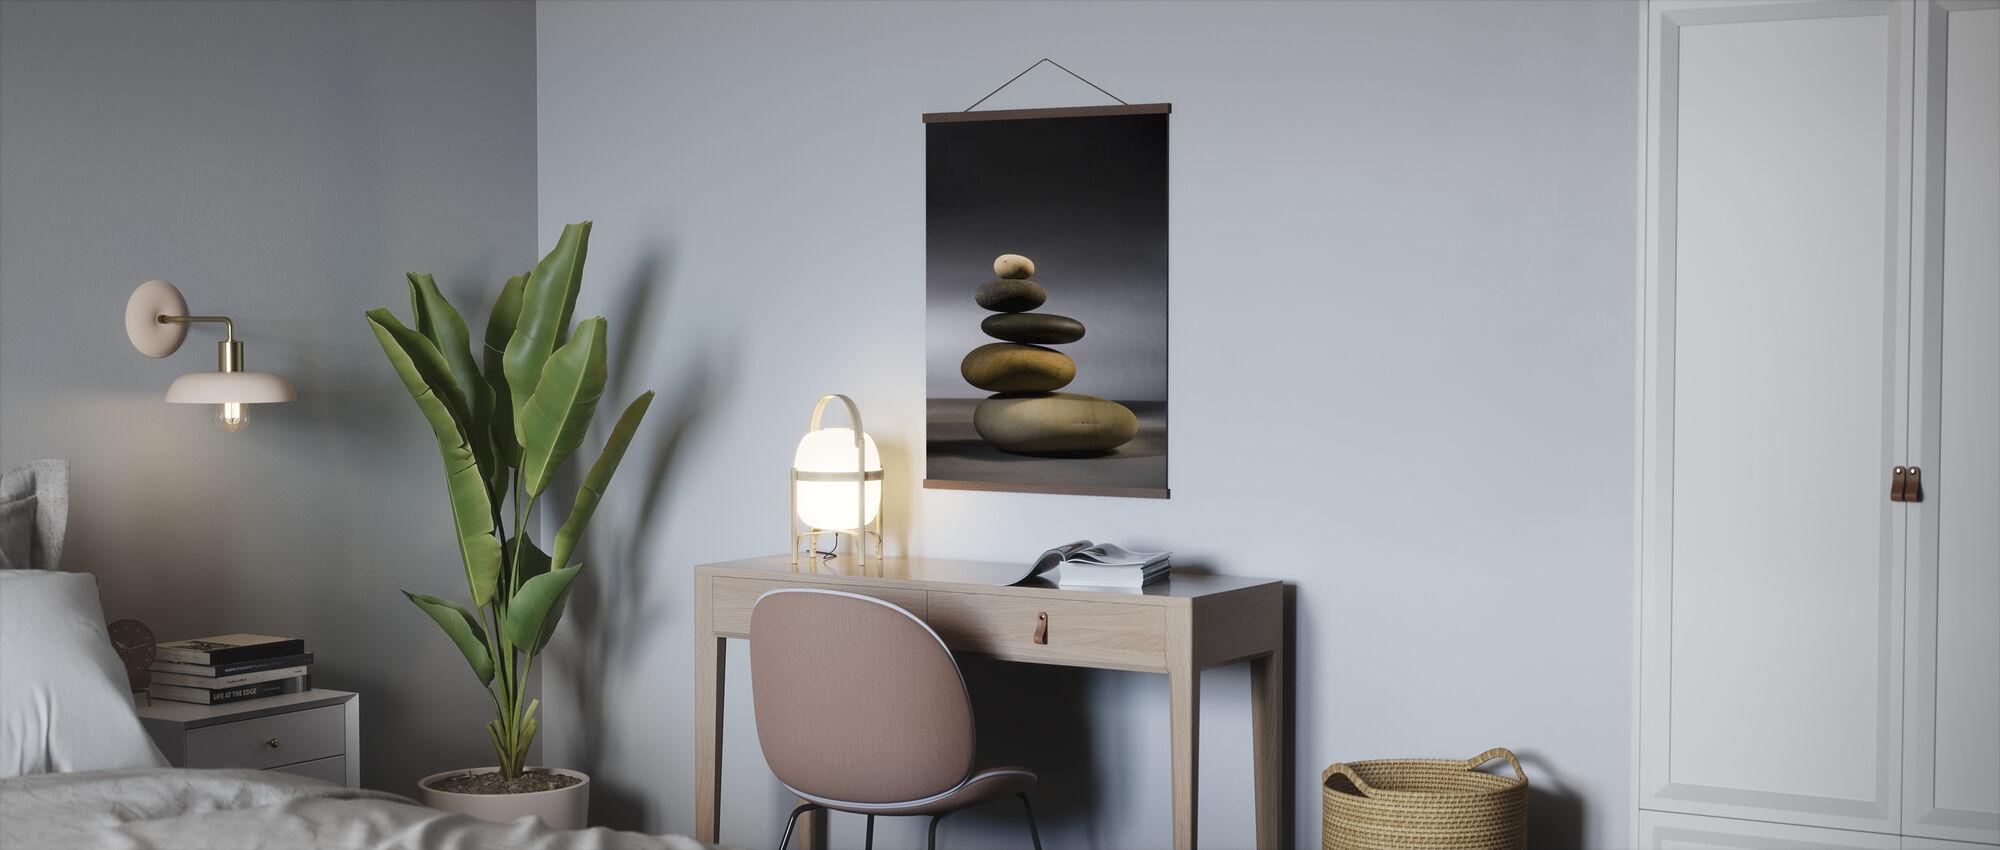 Stones in Zen Balance - Poster - Office